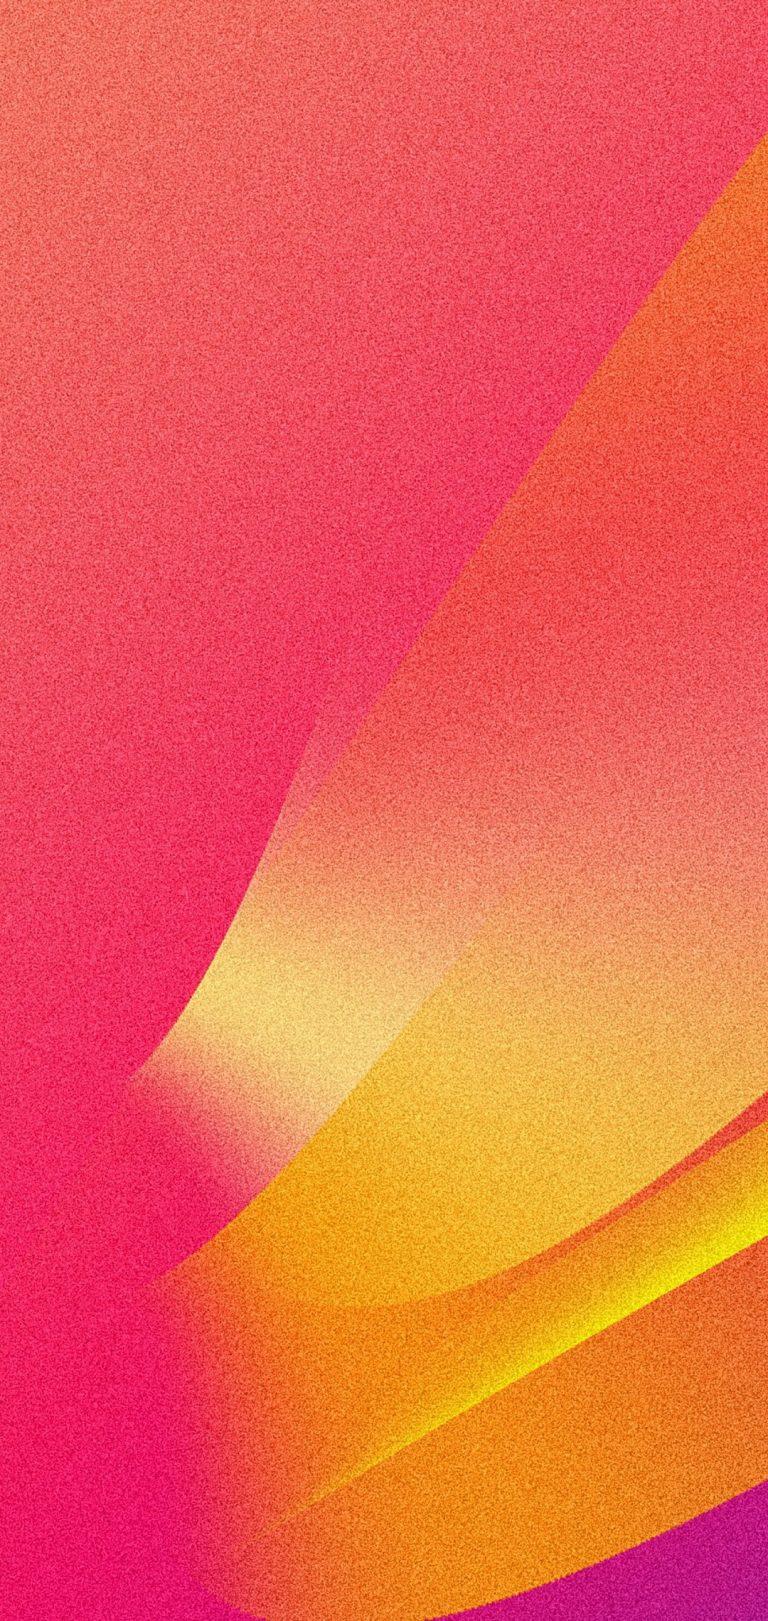 1080x2280 Wallpaper 062 768x1621